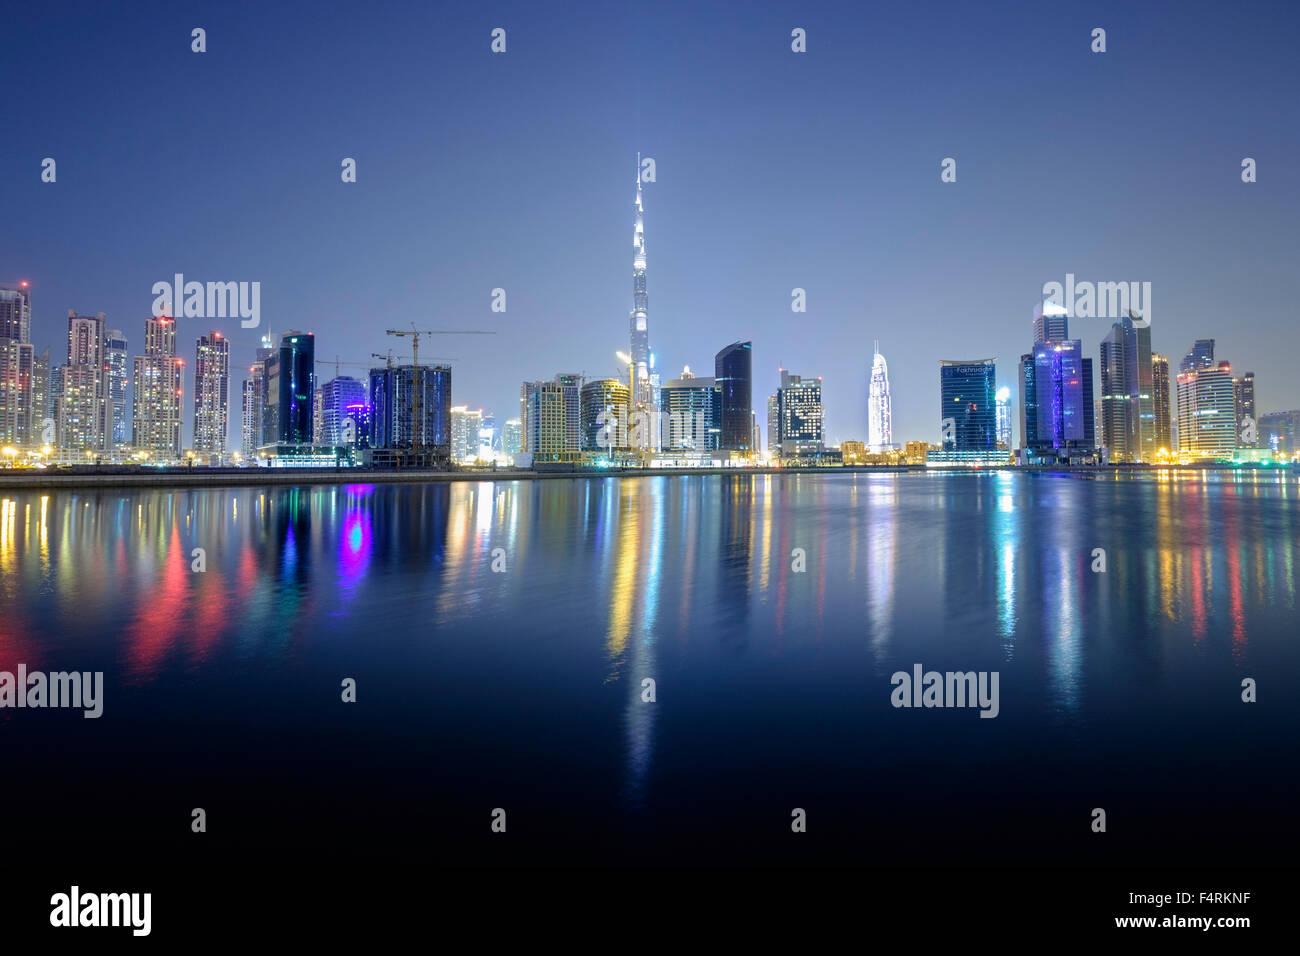 Nachtansicht des Burj Khalifa und Creek in new Business Bay Viertel von Dubai Vereinigte Arabische Emirate Stockbild